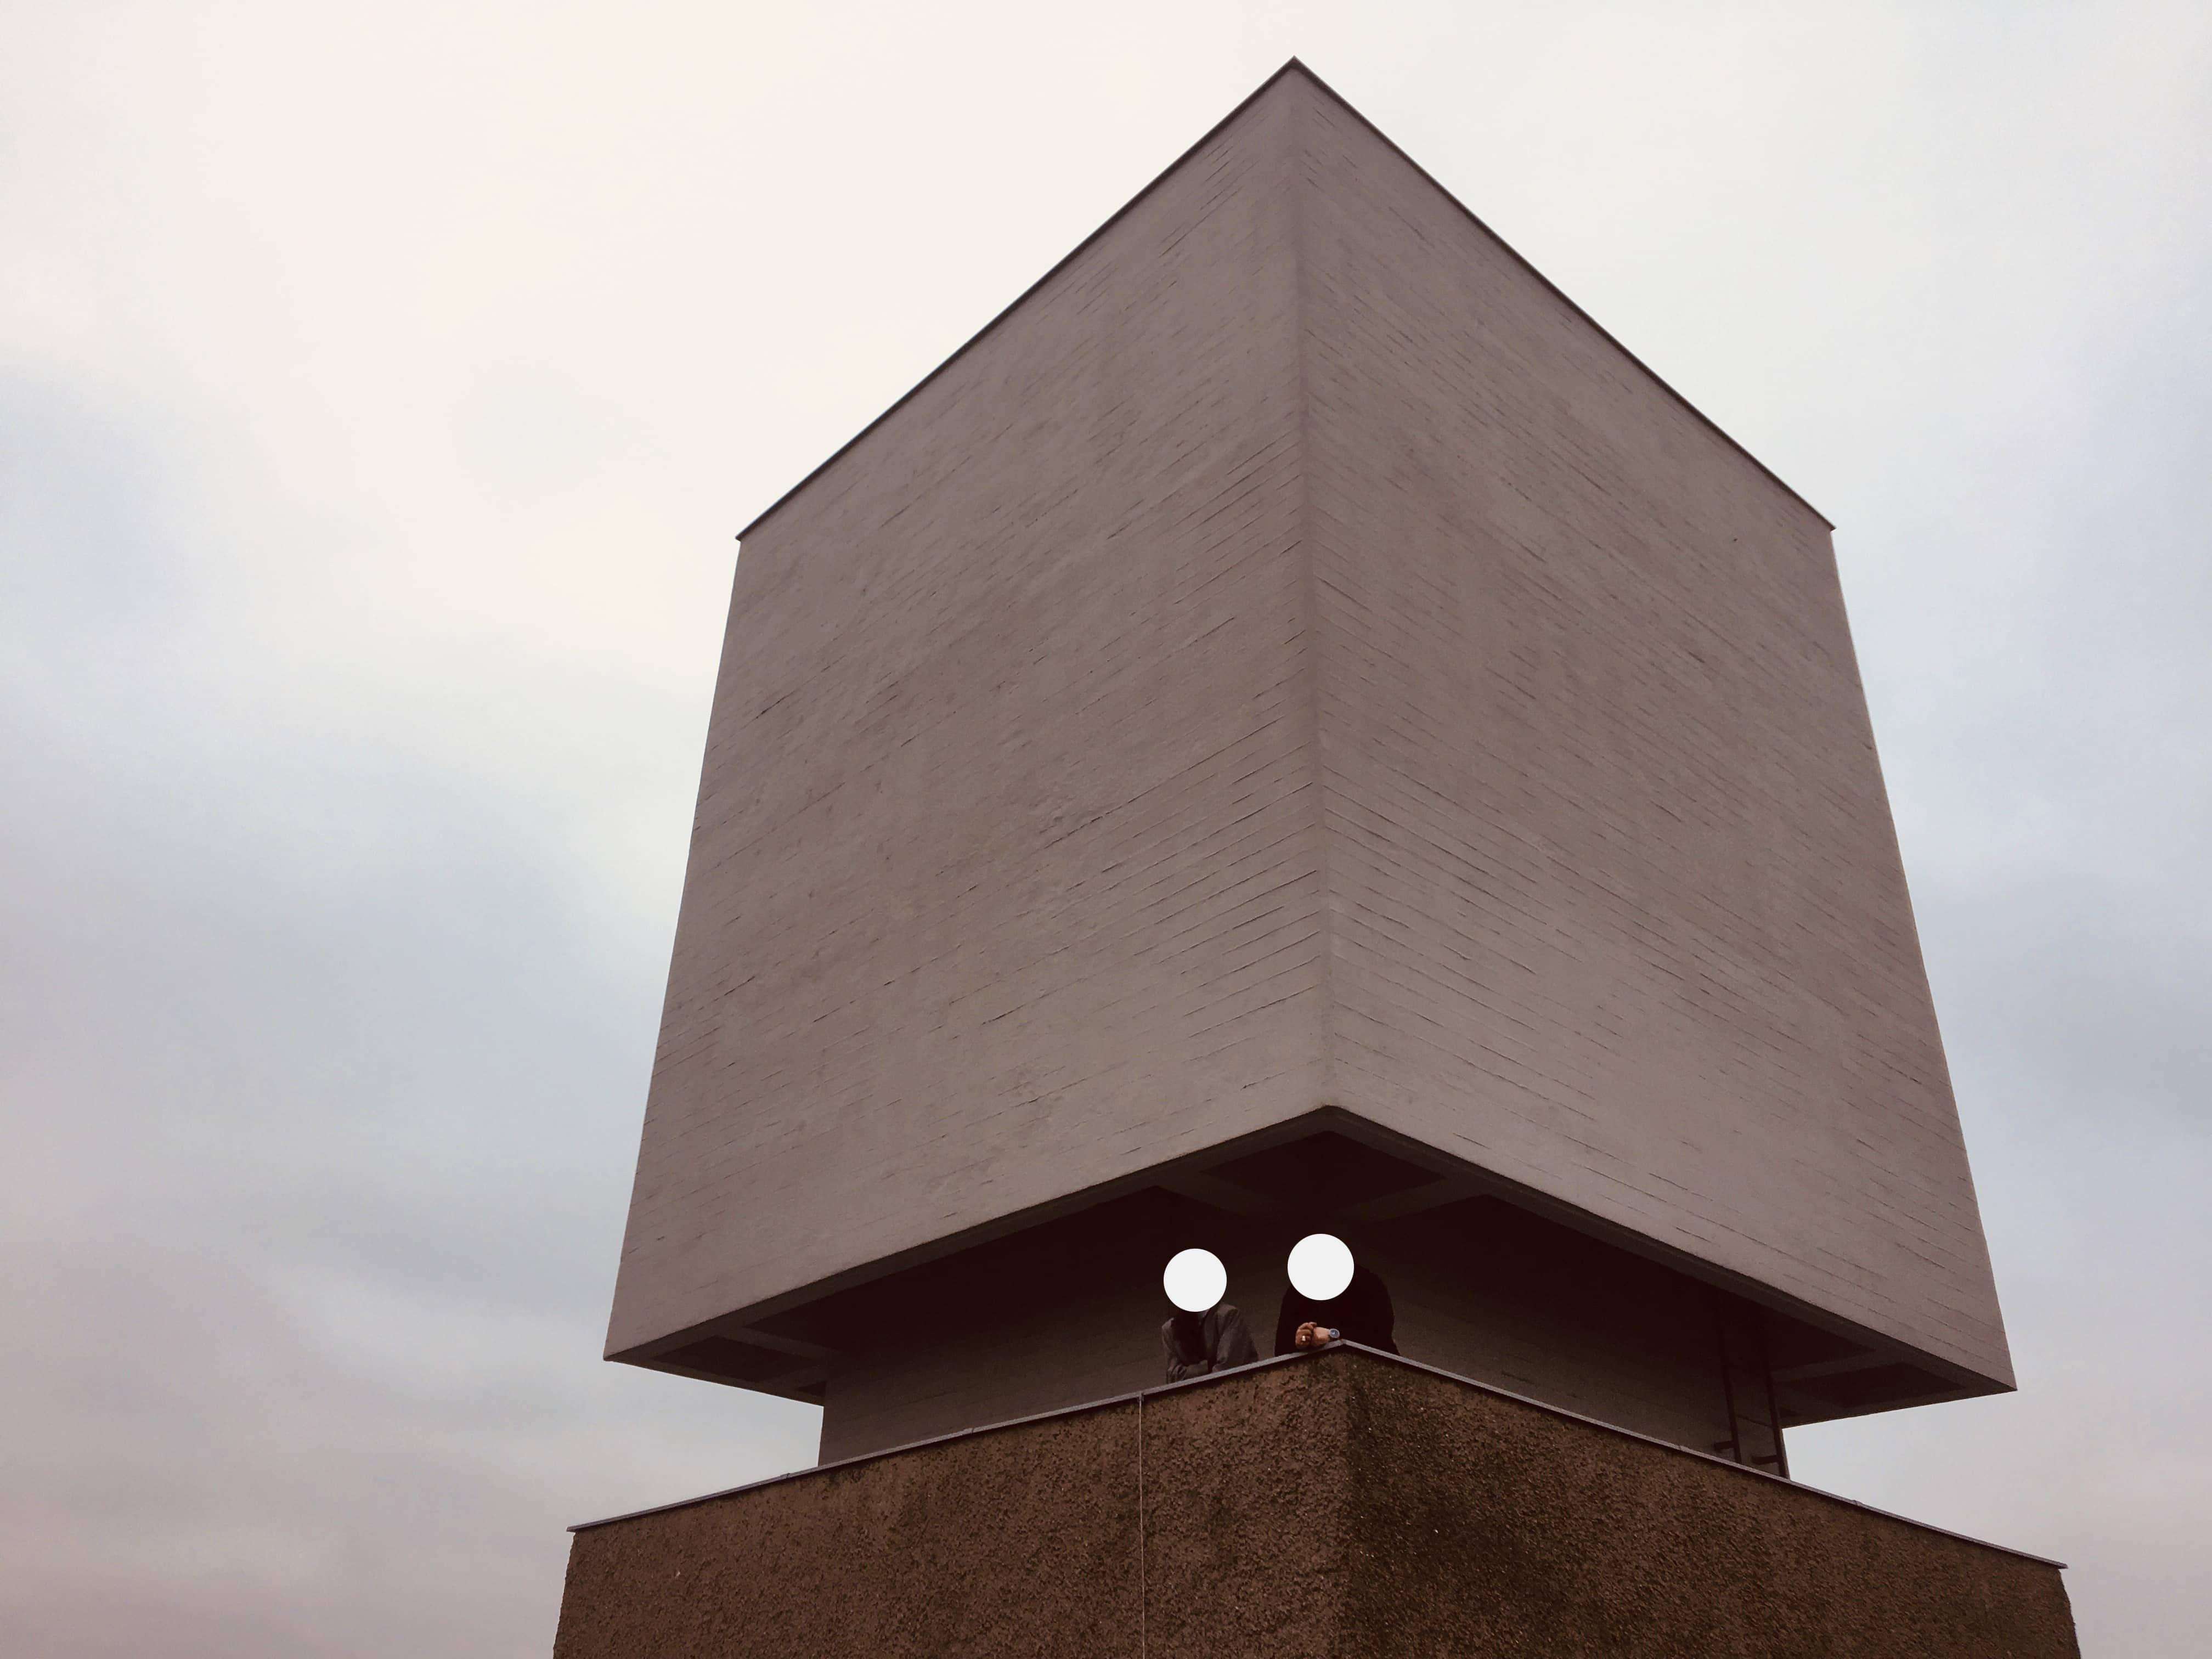 Bureau Johannes Erler – Eiskalt in Berlin